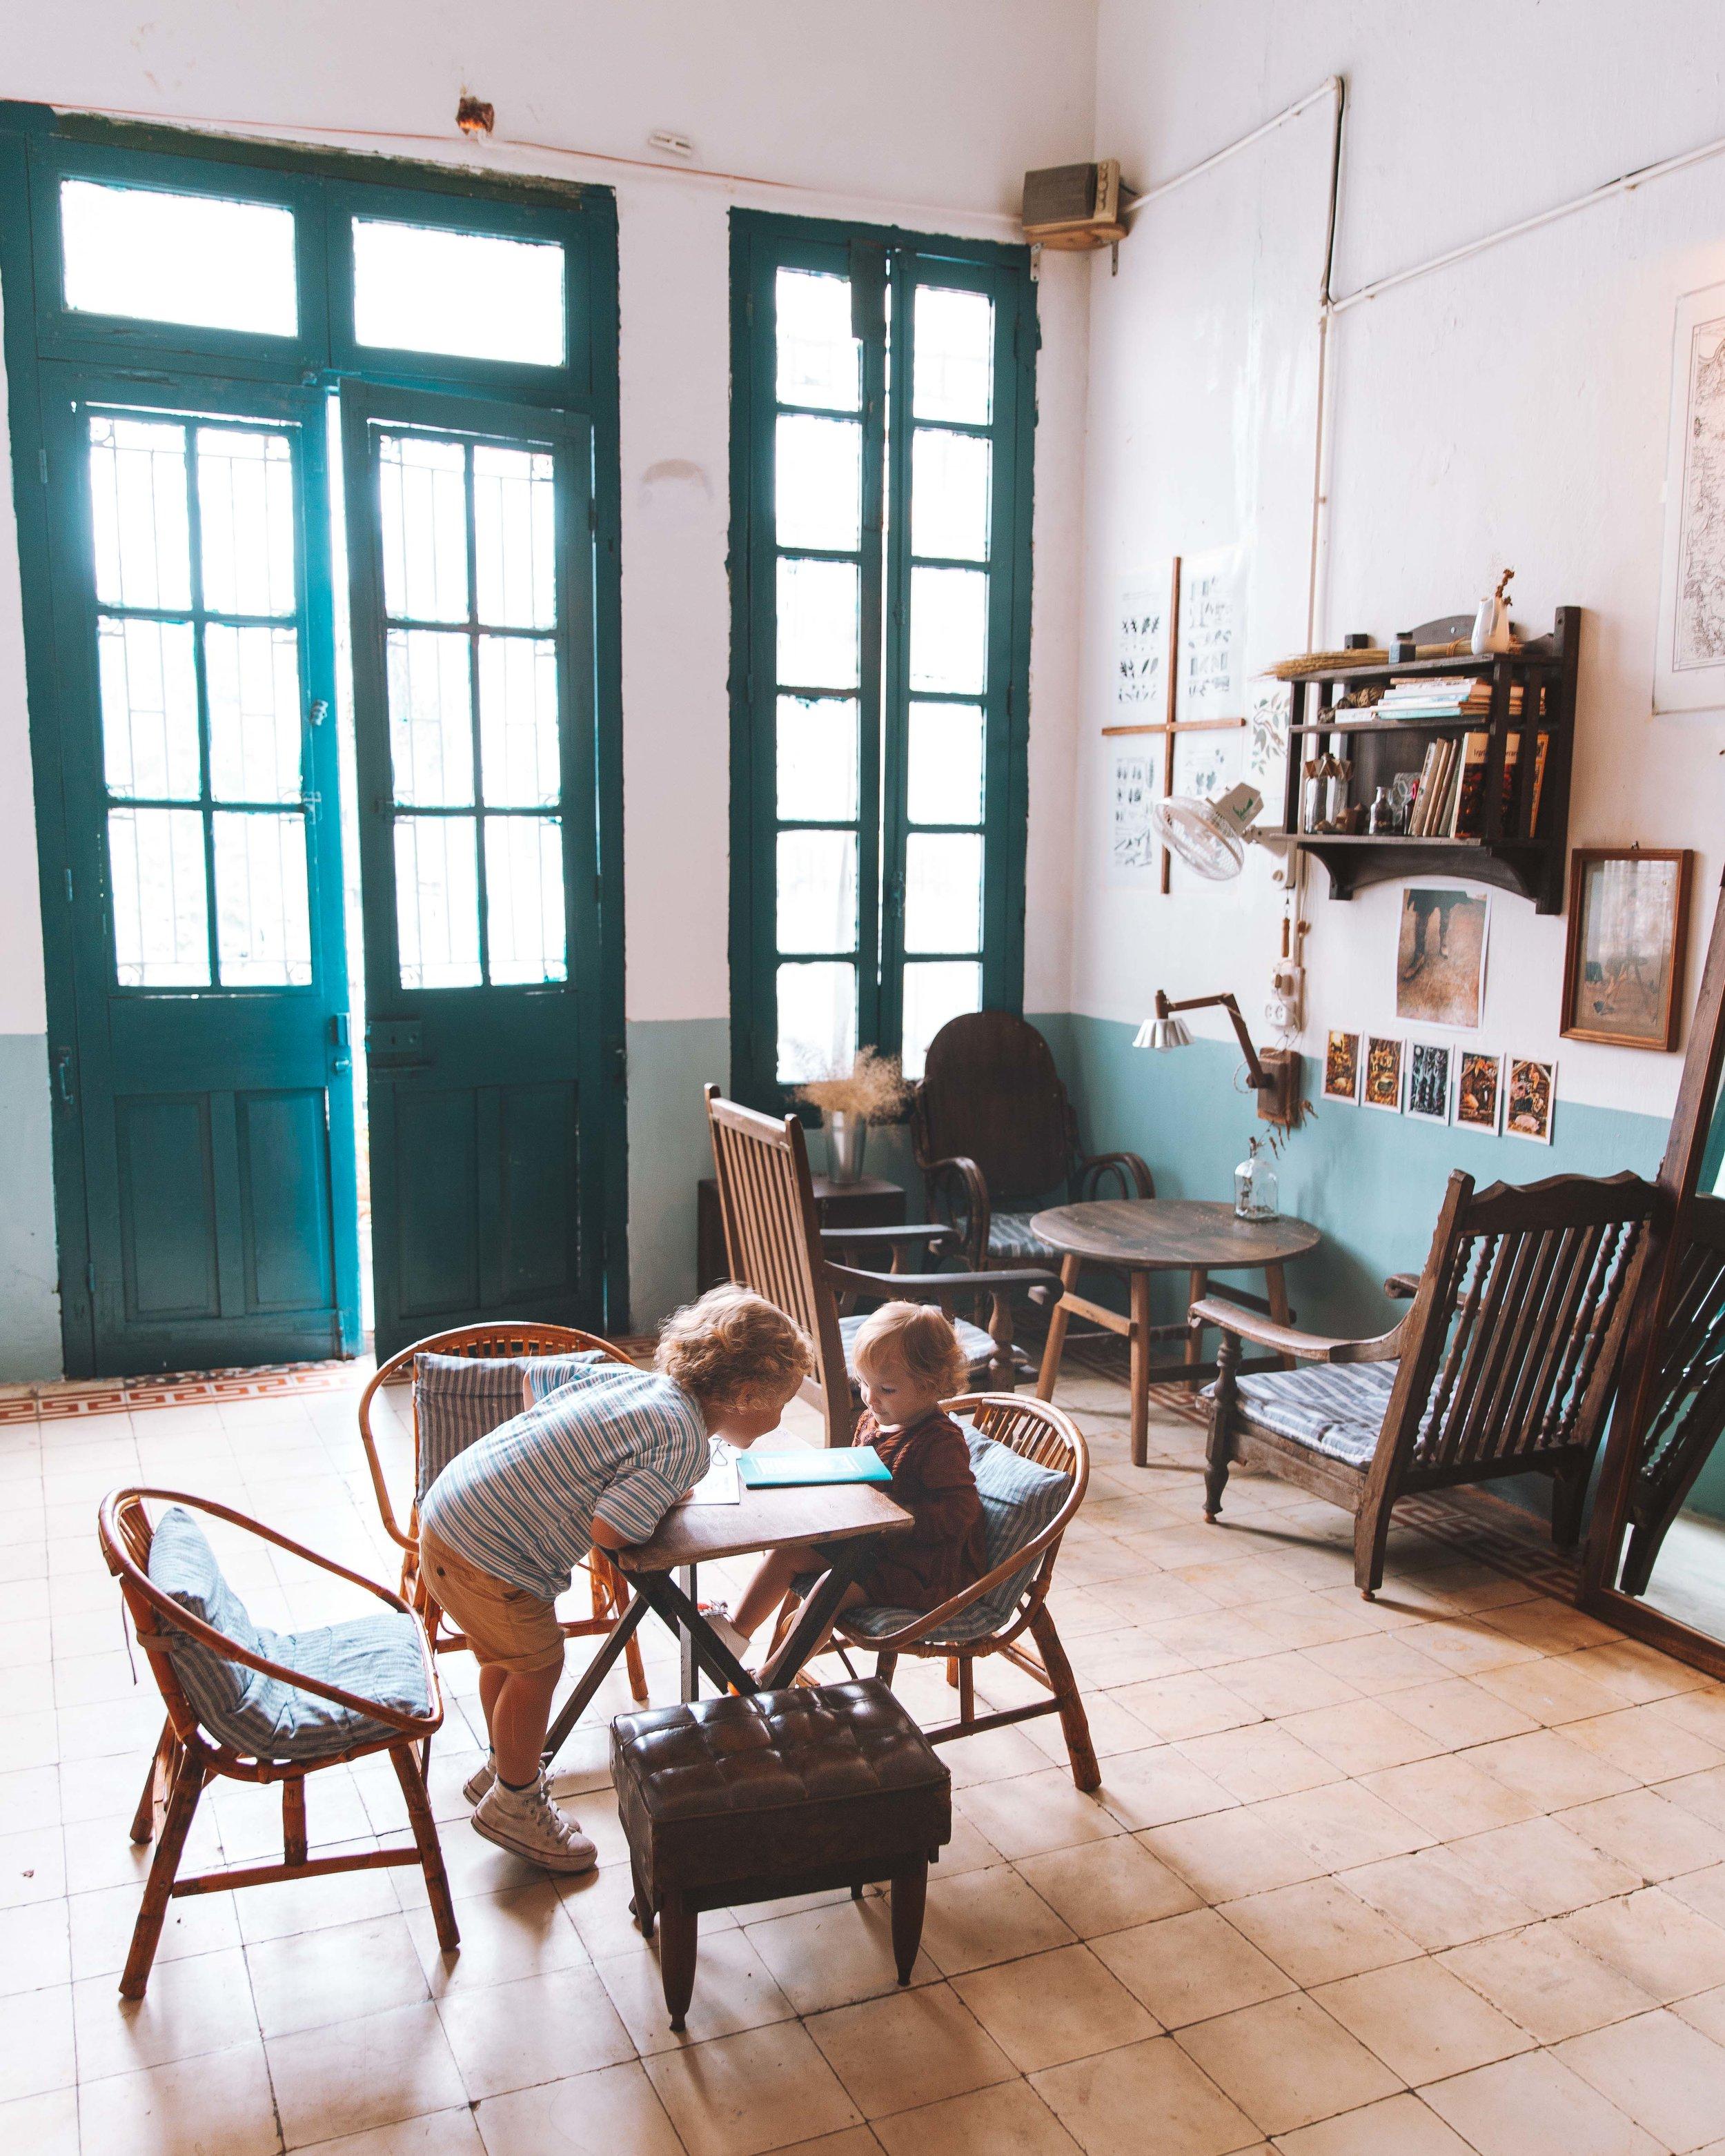 """Stavamo passeggiando per l'Old Quartier quando Julien ha notato una piccolissima scritta appesa all'entrata di un vicolo, che diceva """" The Little Plan Cafè """". Incuriositi, ci siamo fatti strada . Un signore dietro di noi. """"Cafè?"""", ci chiede. Rispondiamo di si. Bussa ad una porta, ci apre una ragazza con uno splendido sorriso. Abbiamo trovato una perla. Questo e tantissimi altri nostri indirizzi top, nella nostra Guida di Hanoi, presto disponibile."""